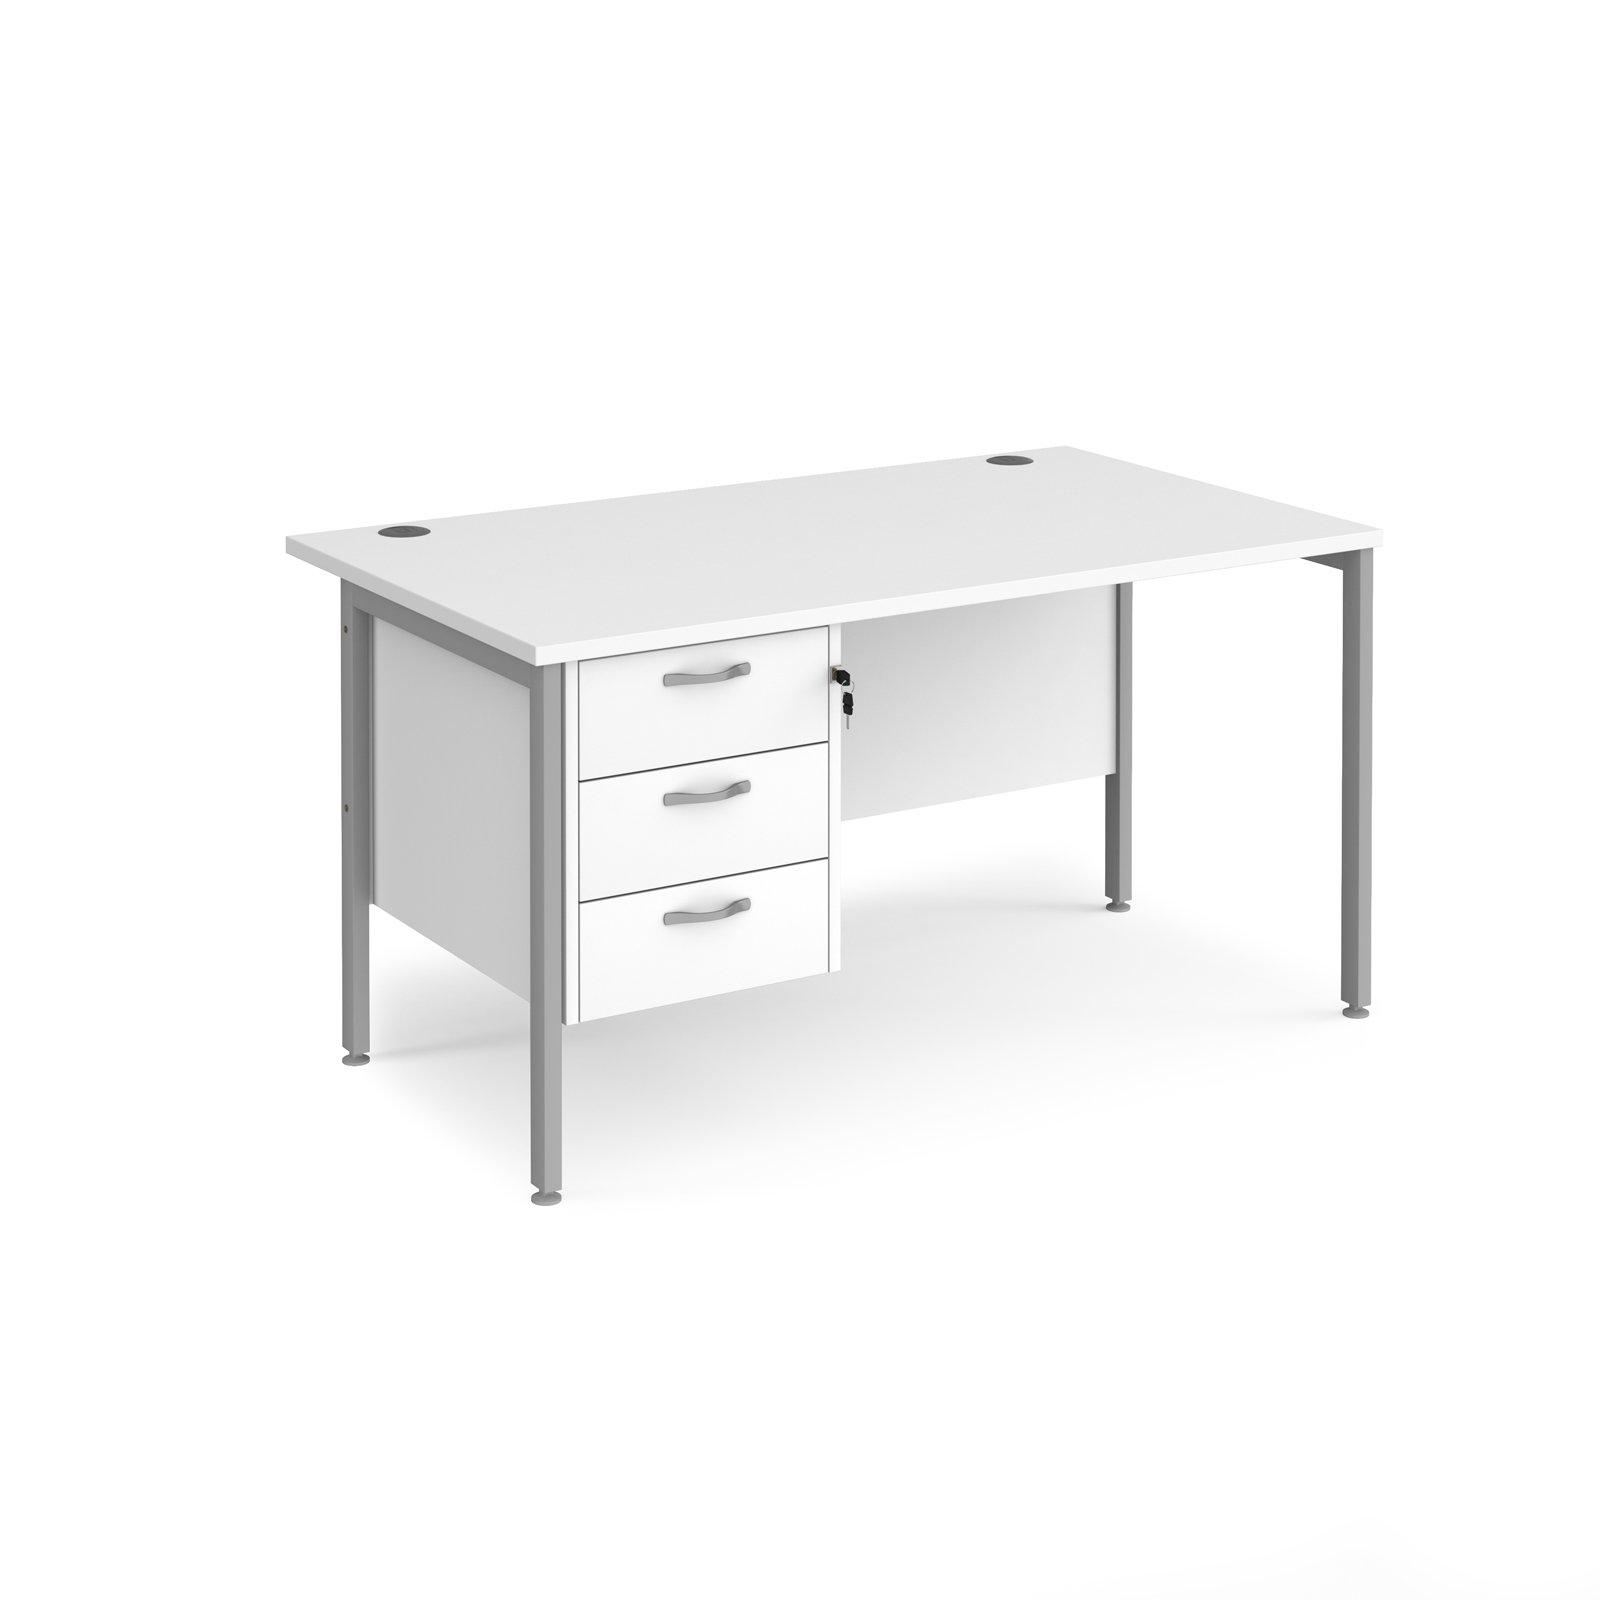 Maestro 25 SL Straight Desk With 3 Drawer Pedestal 1400mm